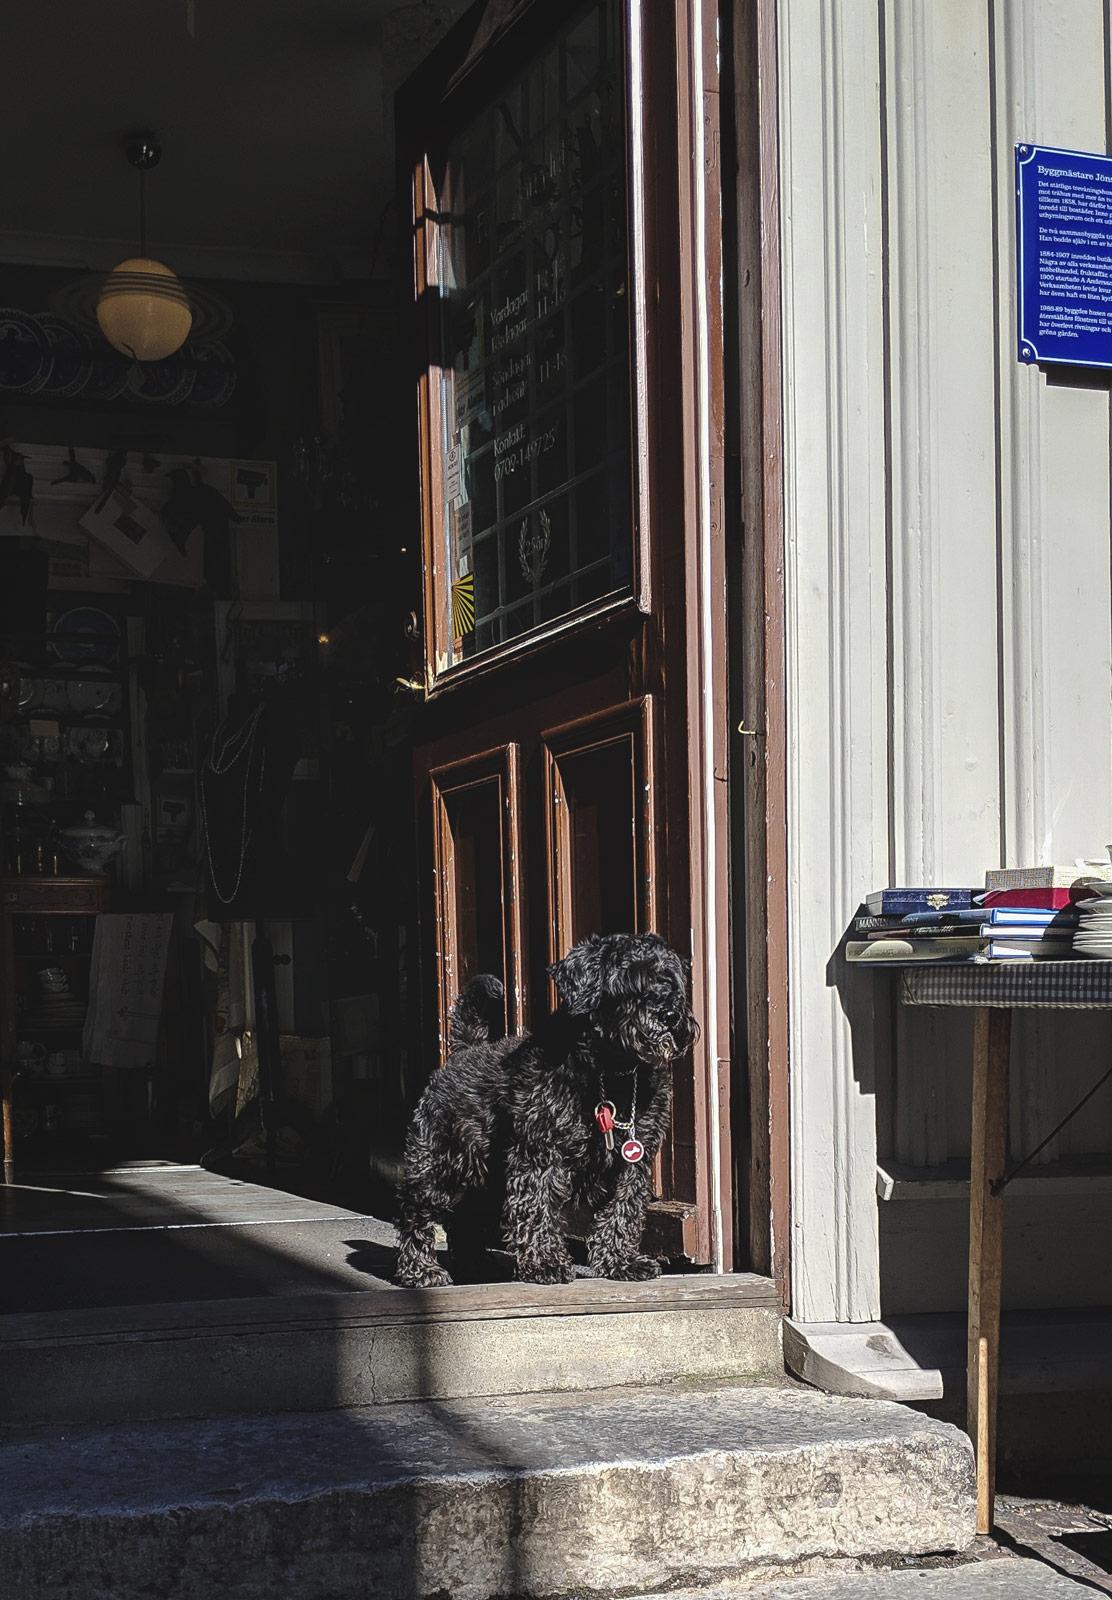 Dog in sunny doorway